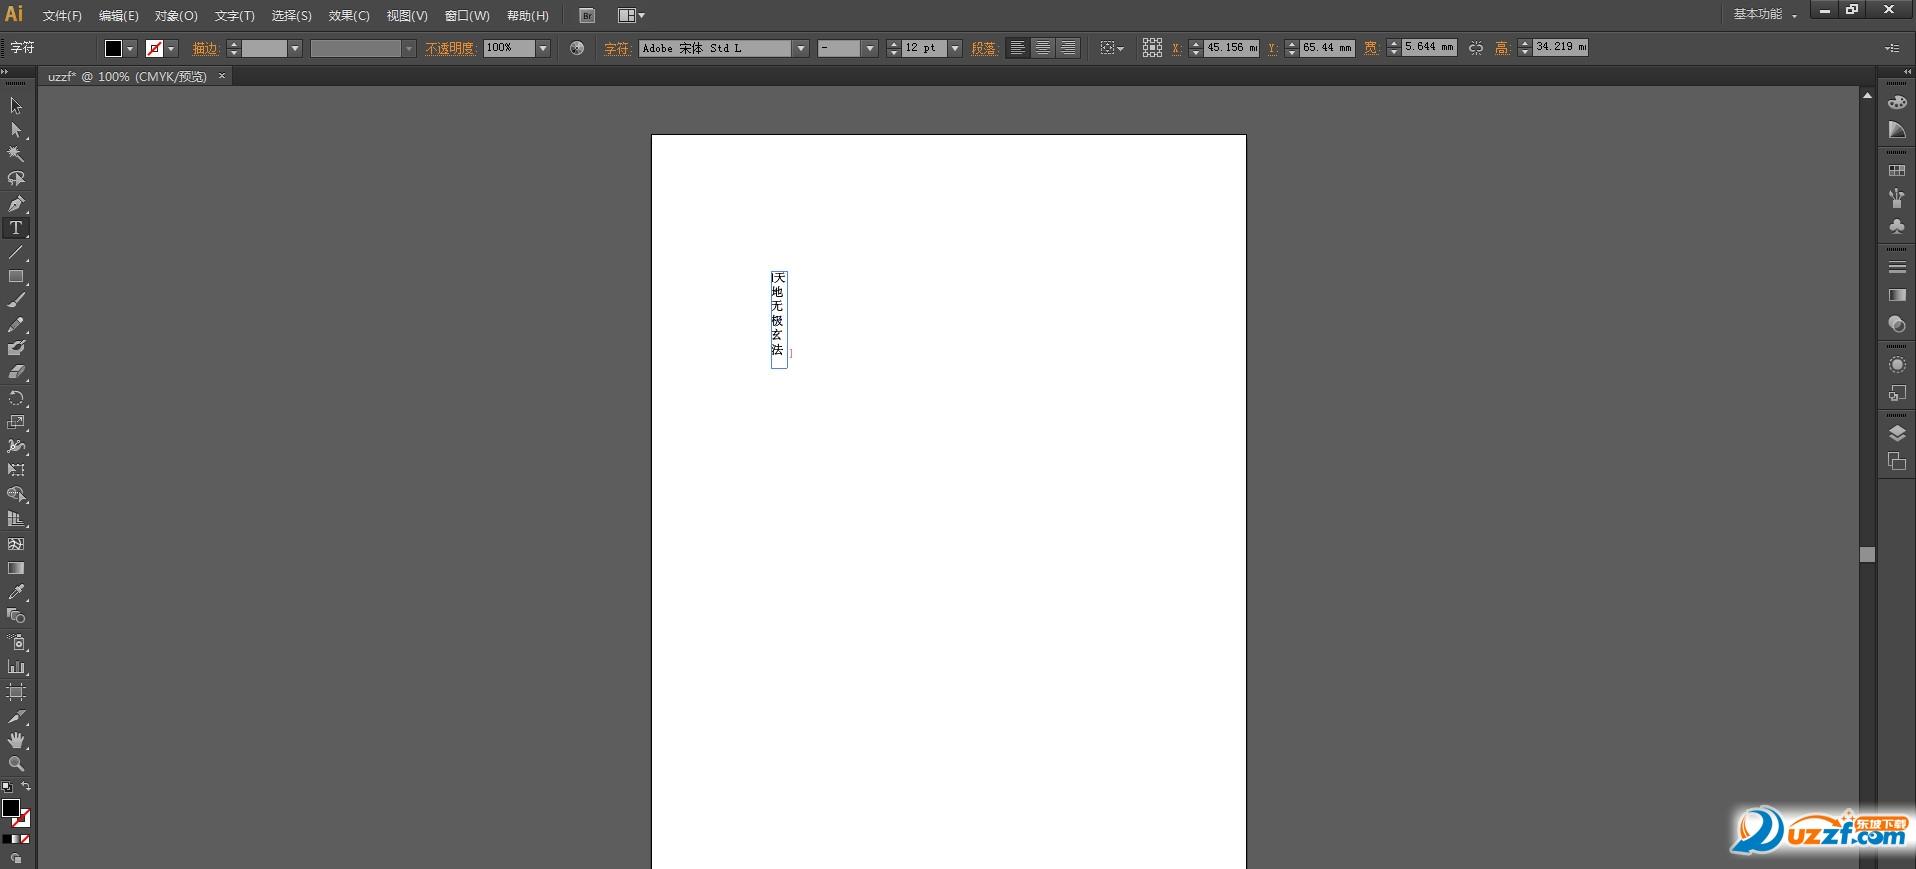 Adobe Illustrator CS6(64位版)截图3